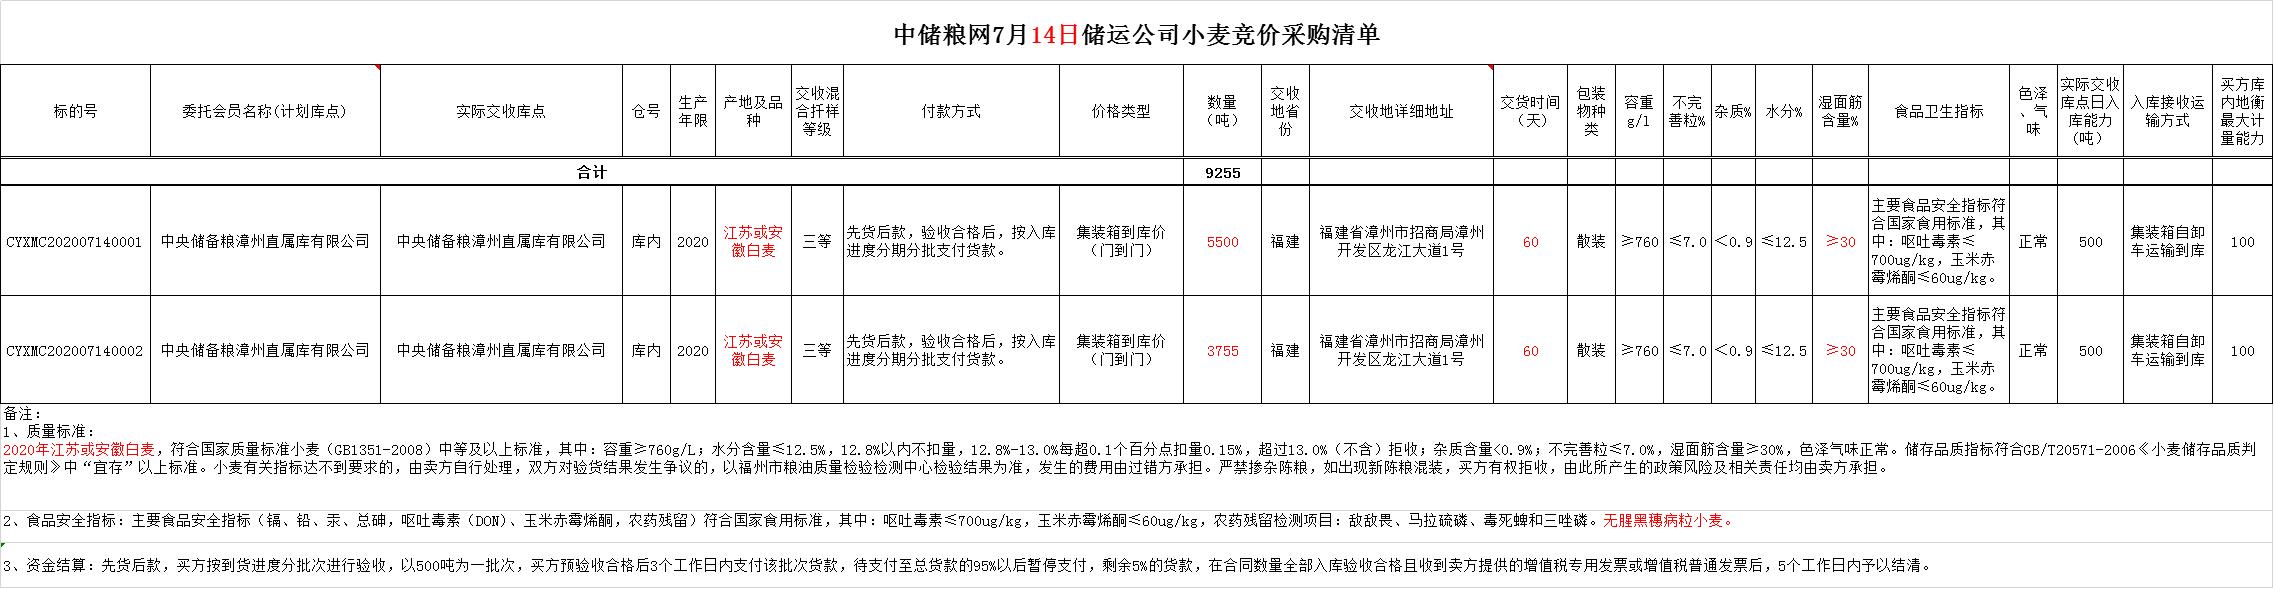 【地储拍卖】关于举办7月14日储